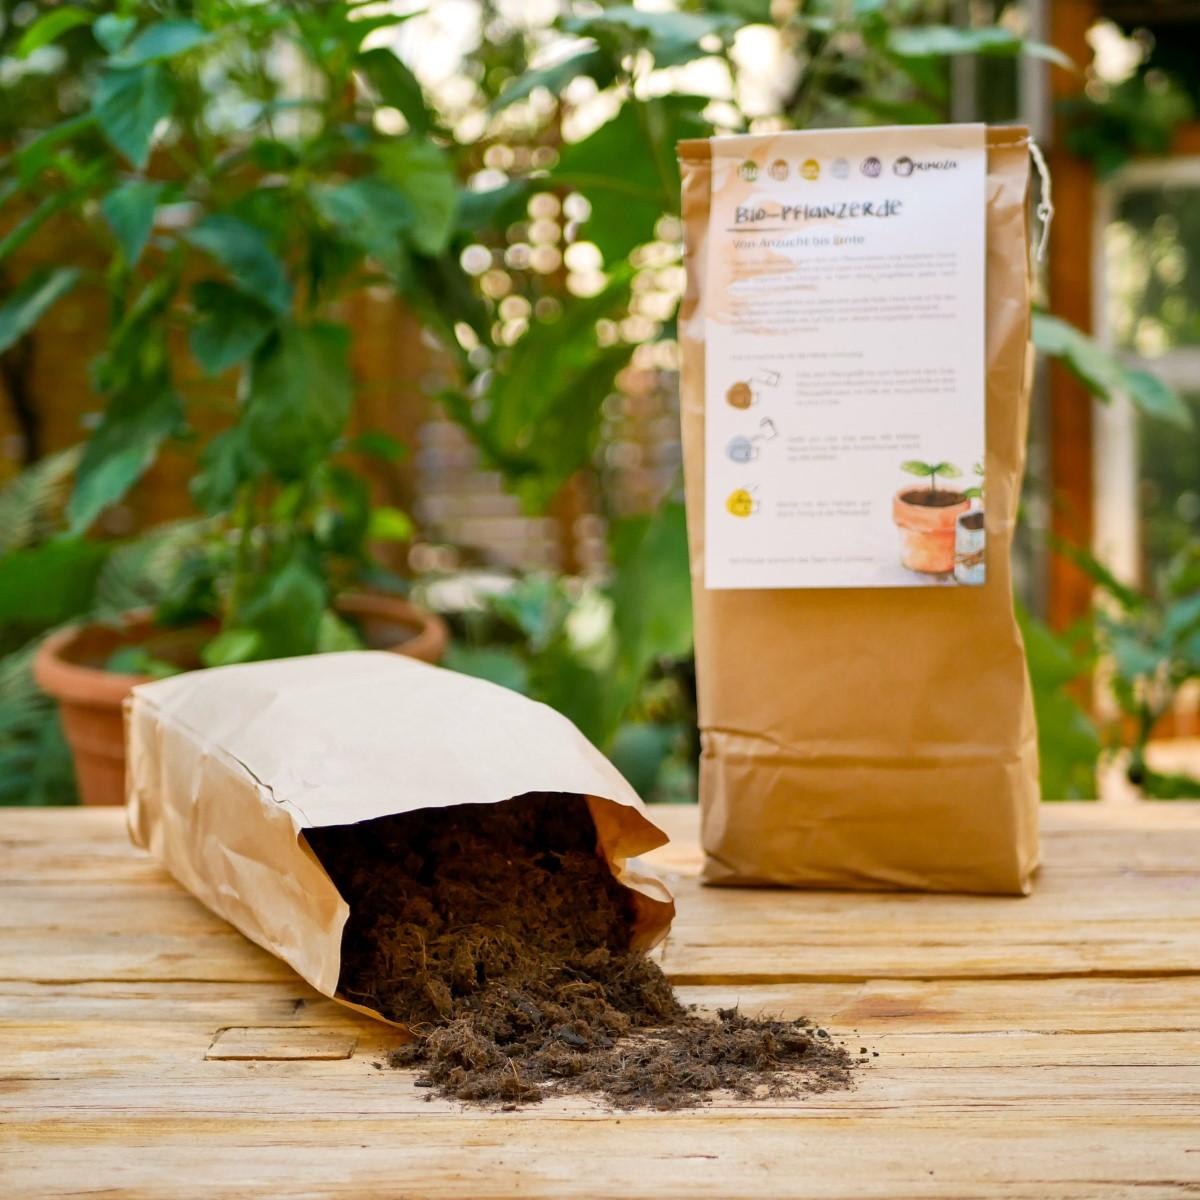 Zwei Säcke torffreie Bio-Erde stehen auf einem Holztisch. Sie sind in Papier verpackt und eine Packung ist geöffnet und leert sich auf einem Holztisch